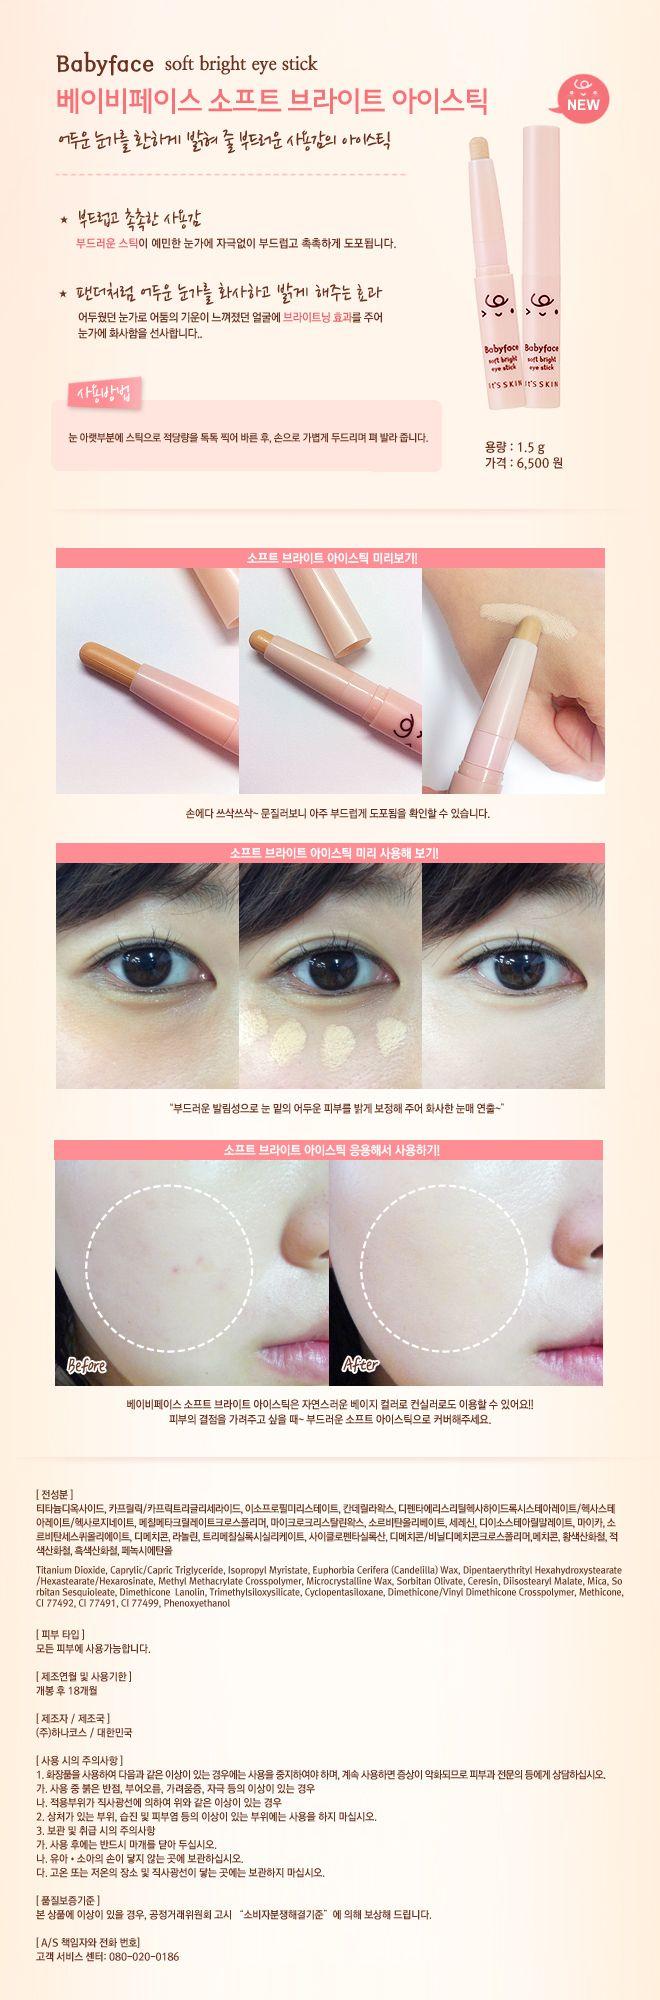 Babyface soft bright eye stick - che khuyết điểm làm sáng quầng thâm mắt dạng thỏi - 130k